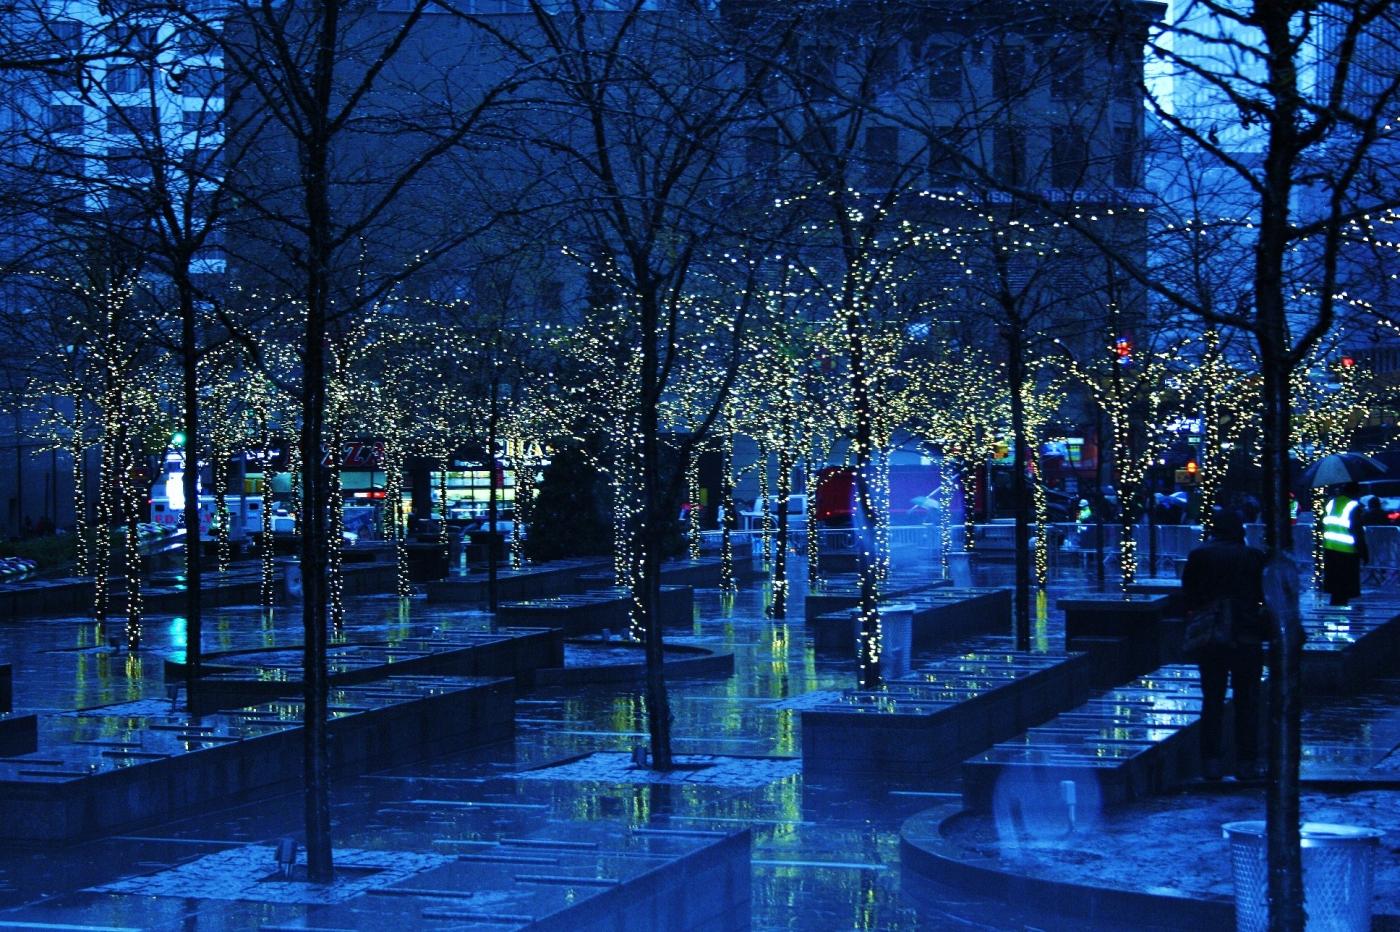 圣诞来临,感受快乐 - 祝大家圣诞快乐,新年快乐_图1-11